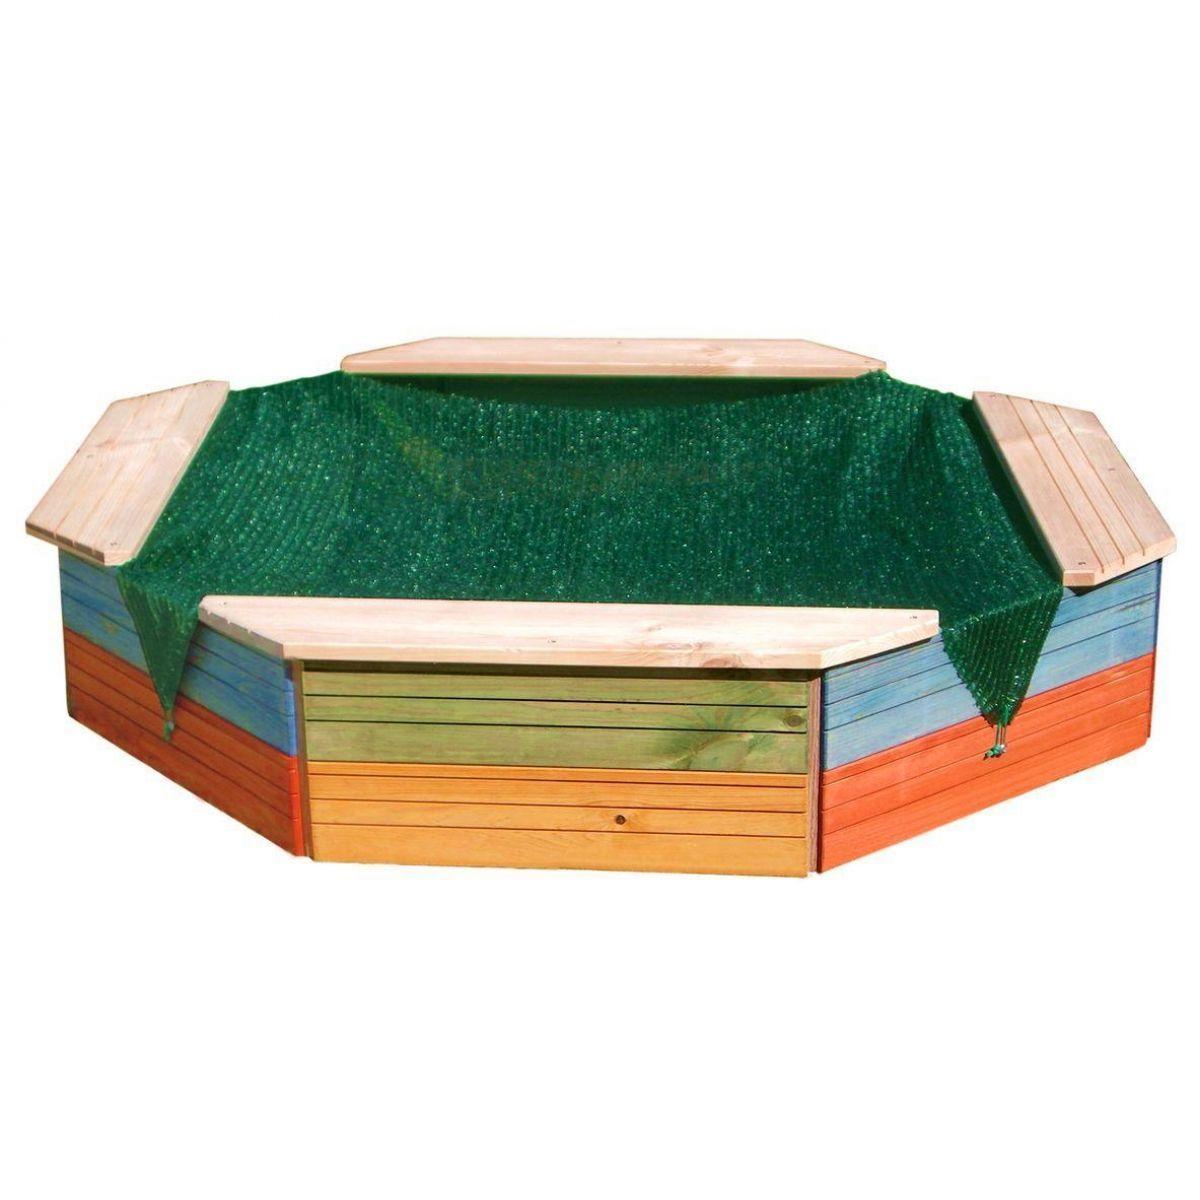 Woody Pískoviště dřevěné barevné s ochrannou sítí